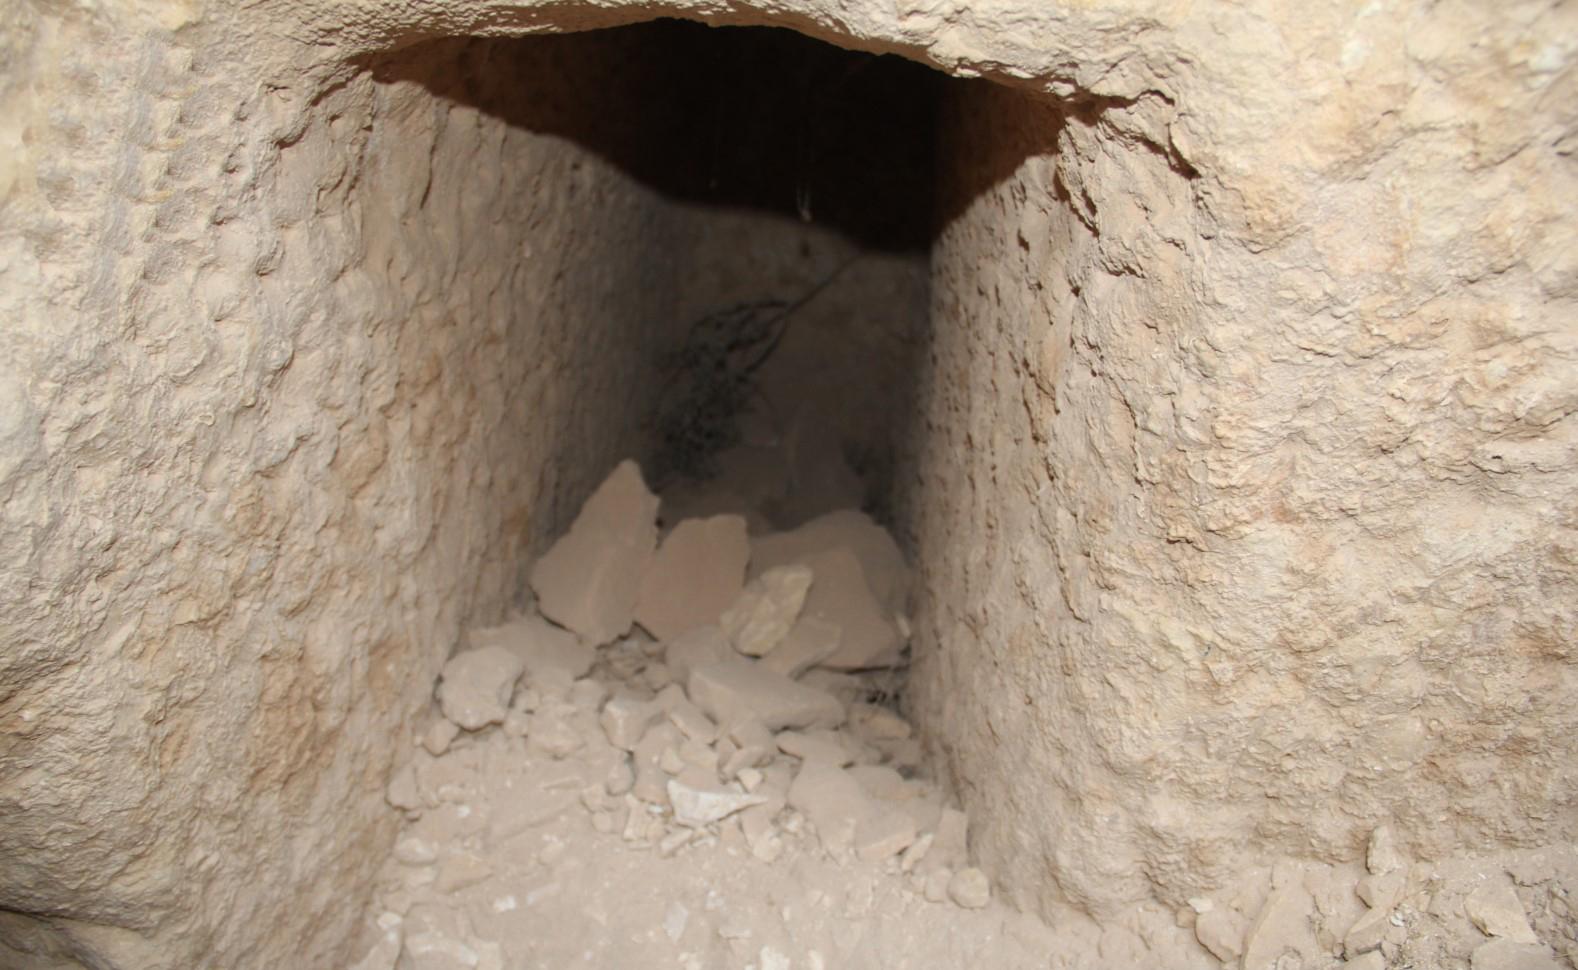 لصوص الاثار ينهبون القبور في موقع دبسي عفنان